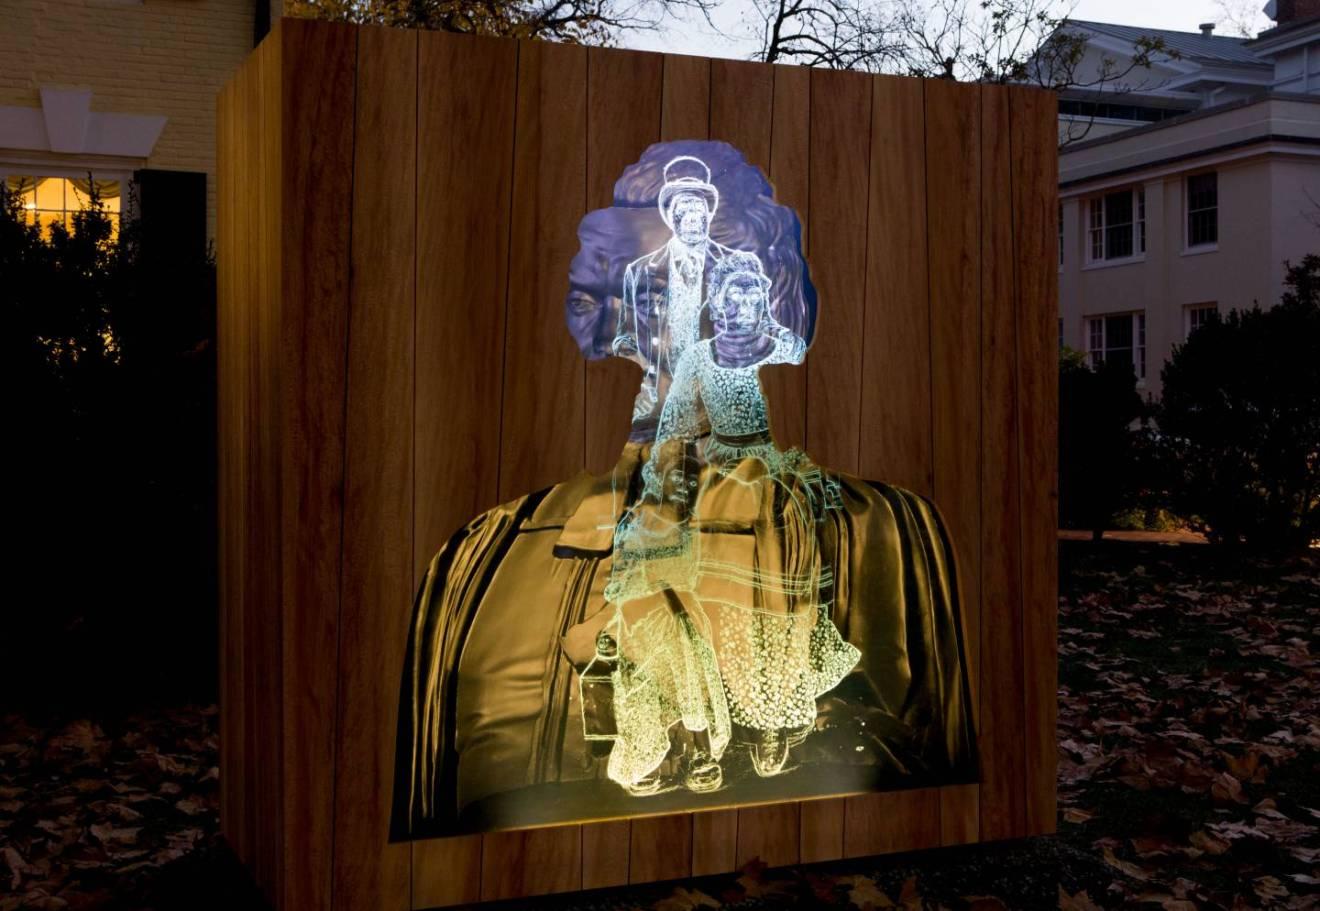 Titus Kaphar's sculpture lit up at night